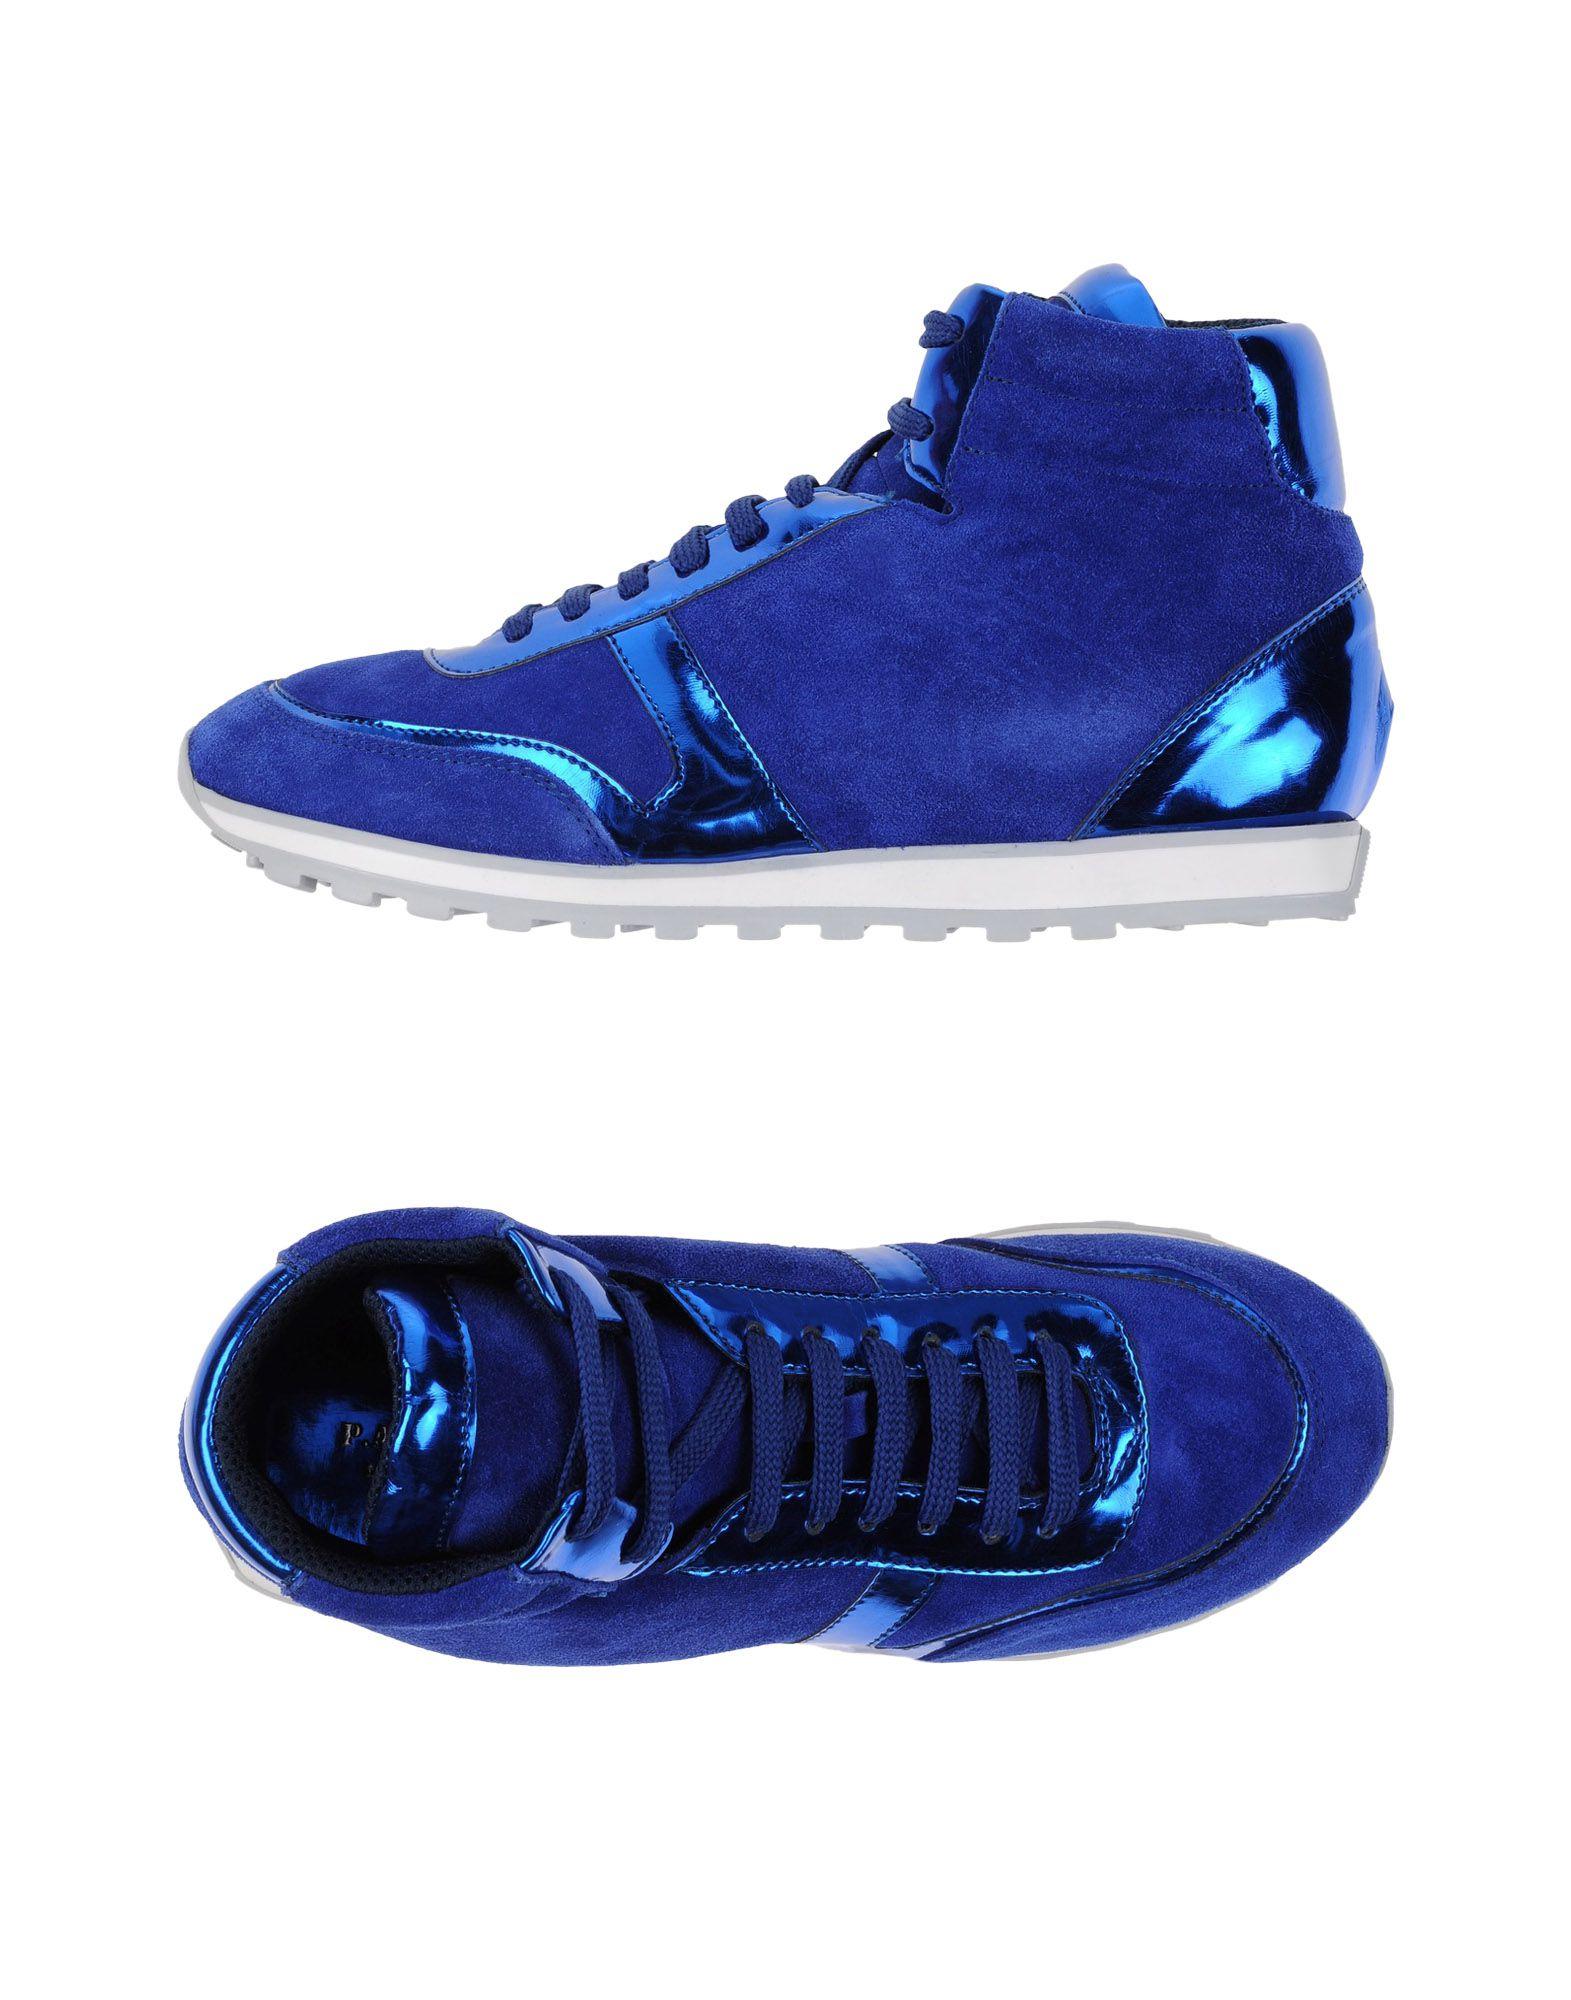 P.A.R.O.S.H. es Sneakers Damen Gutes Preis-Leistungs-Verhältnis, es P.A.R.O.S.H. lohnt sich 02cf95